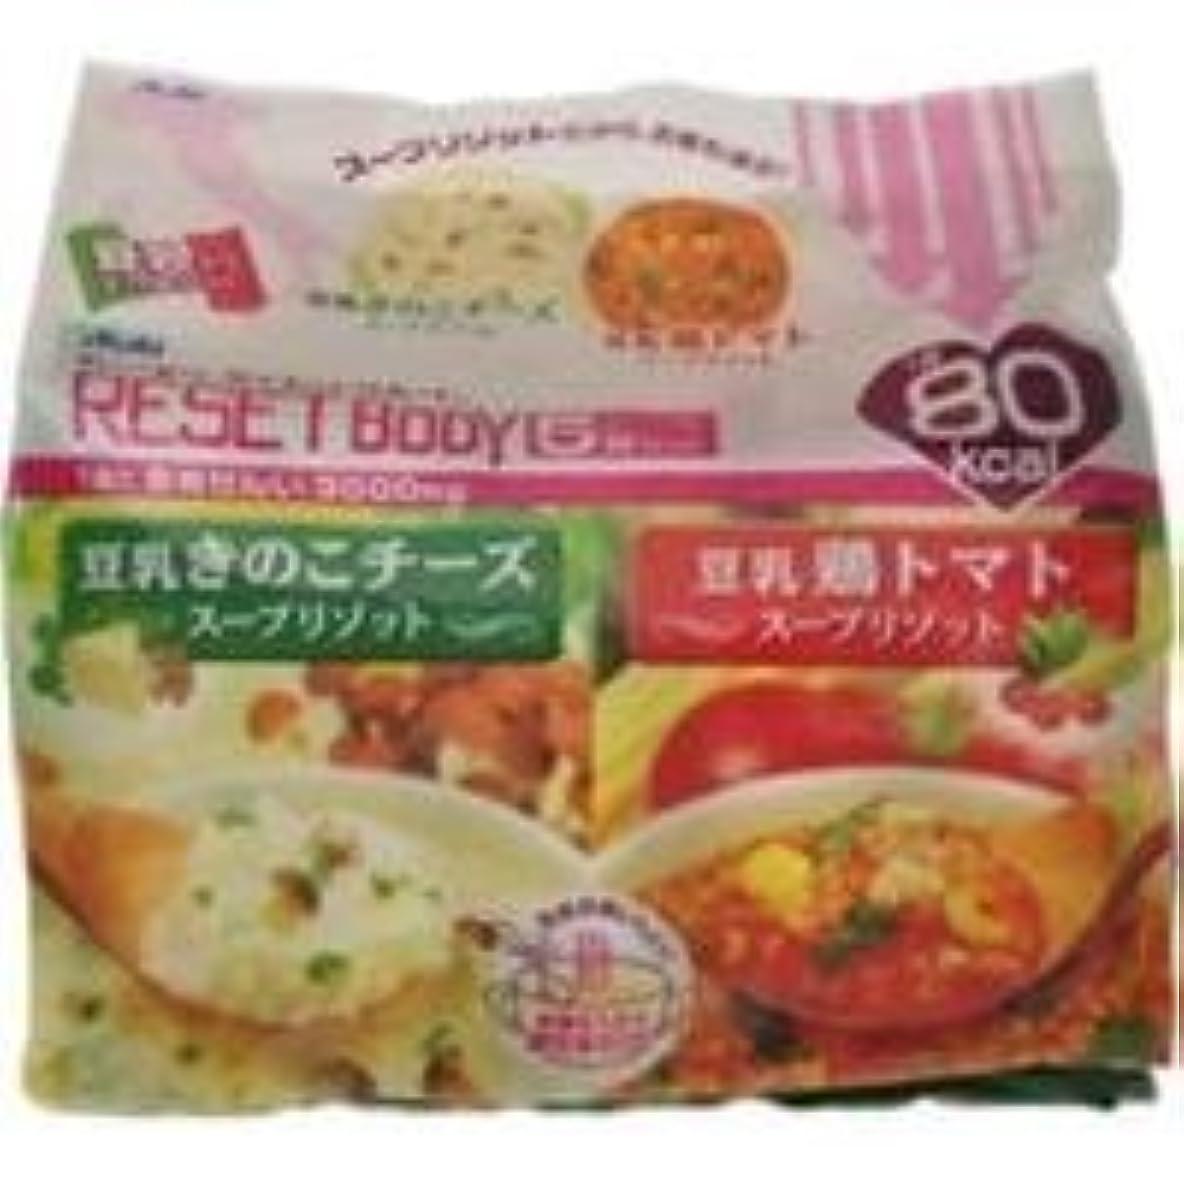 砂の大聖堂計器リセットボディ リセットボディ 豆乳きのこチーズ&鶏トマトスープリゾット 5食 きのこ3食+???2食 1袋